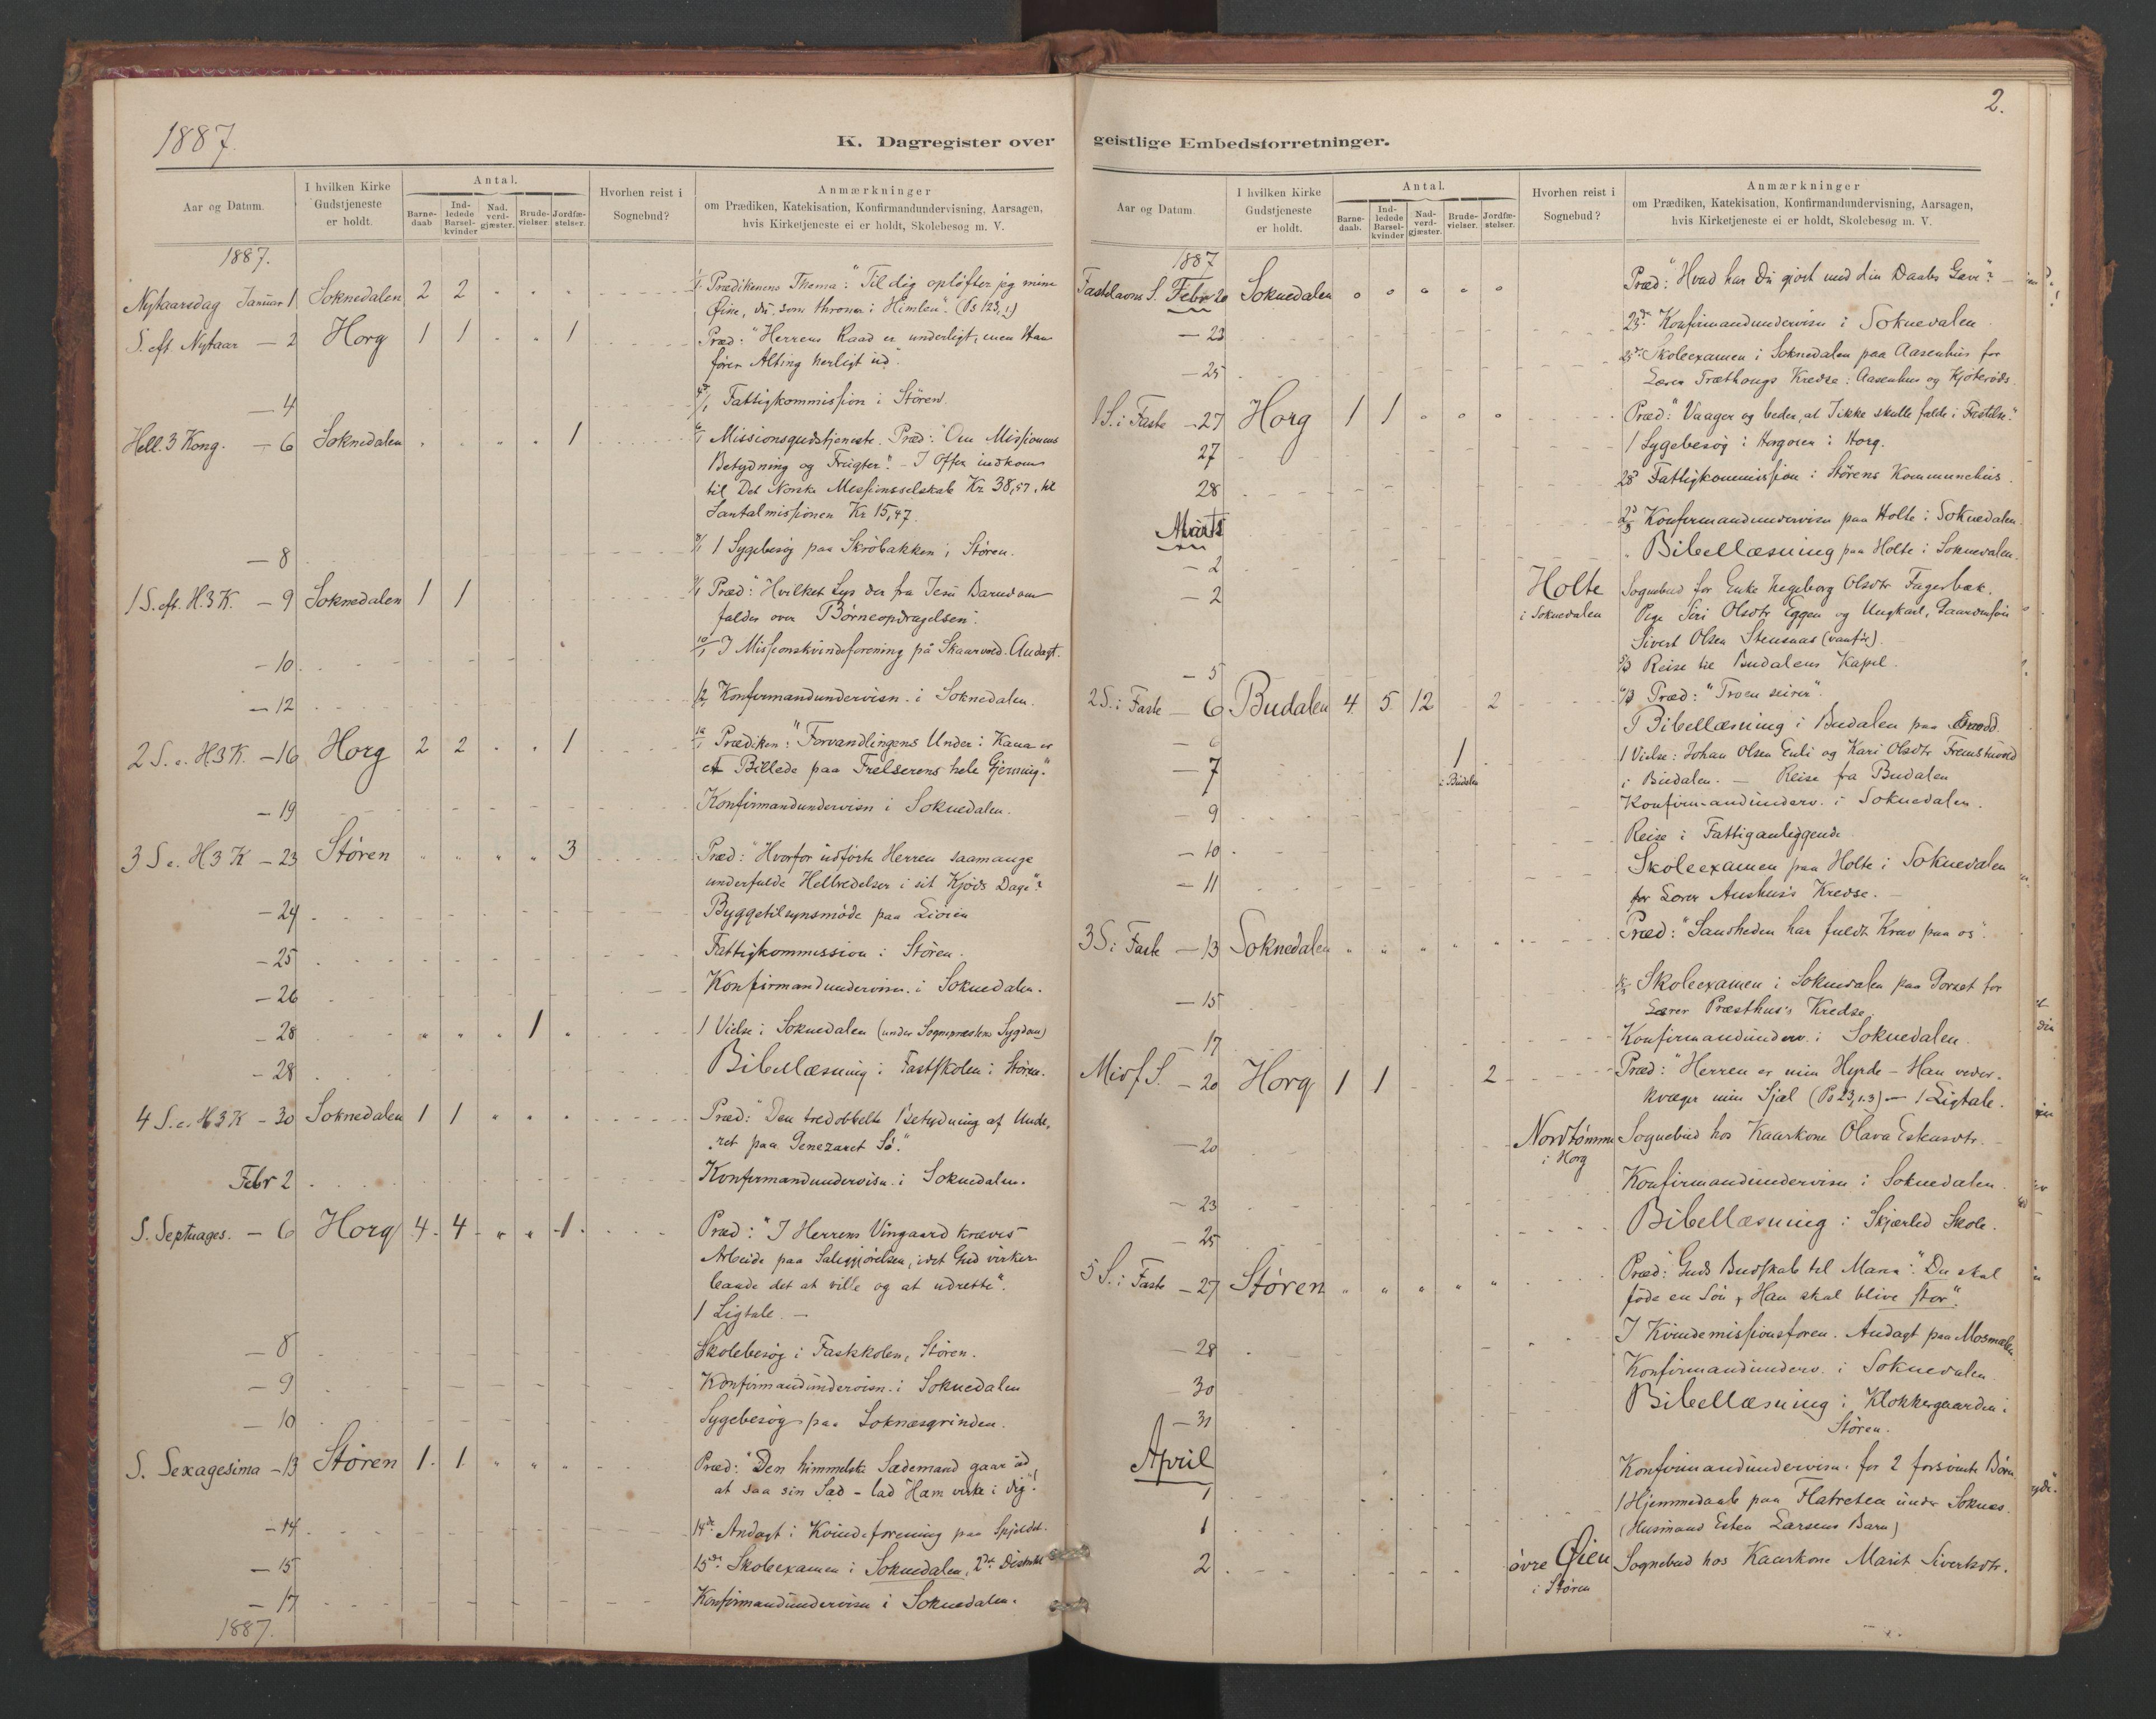 SAT, Ministerialprotokoller, klokkerbøker og fødselsregistre - Sør-Trøndelag, 687/L1012: Dagregister nr. 687B01, 1887-1914, s. 2